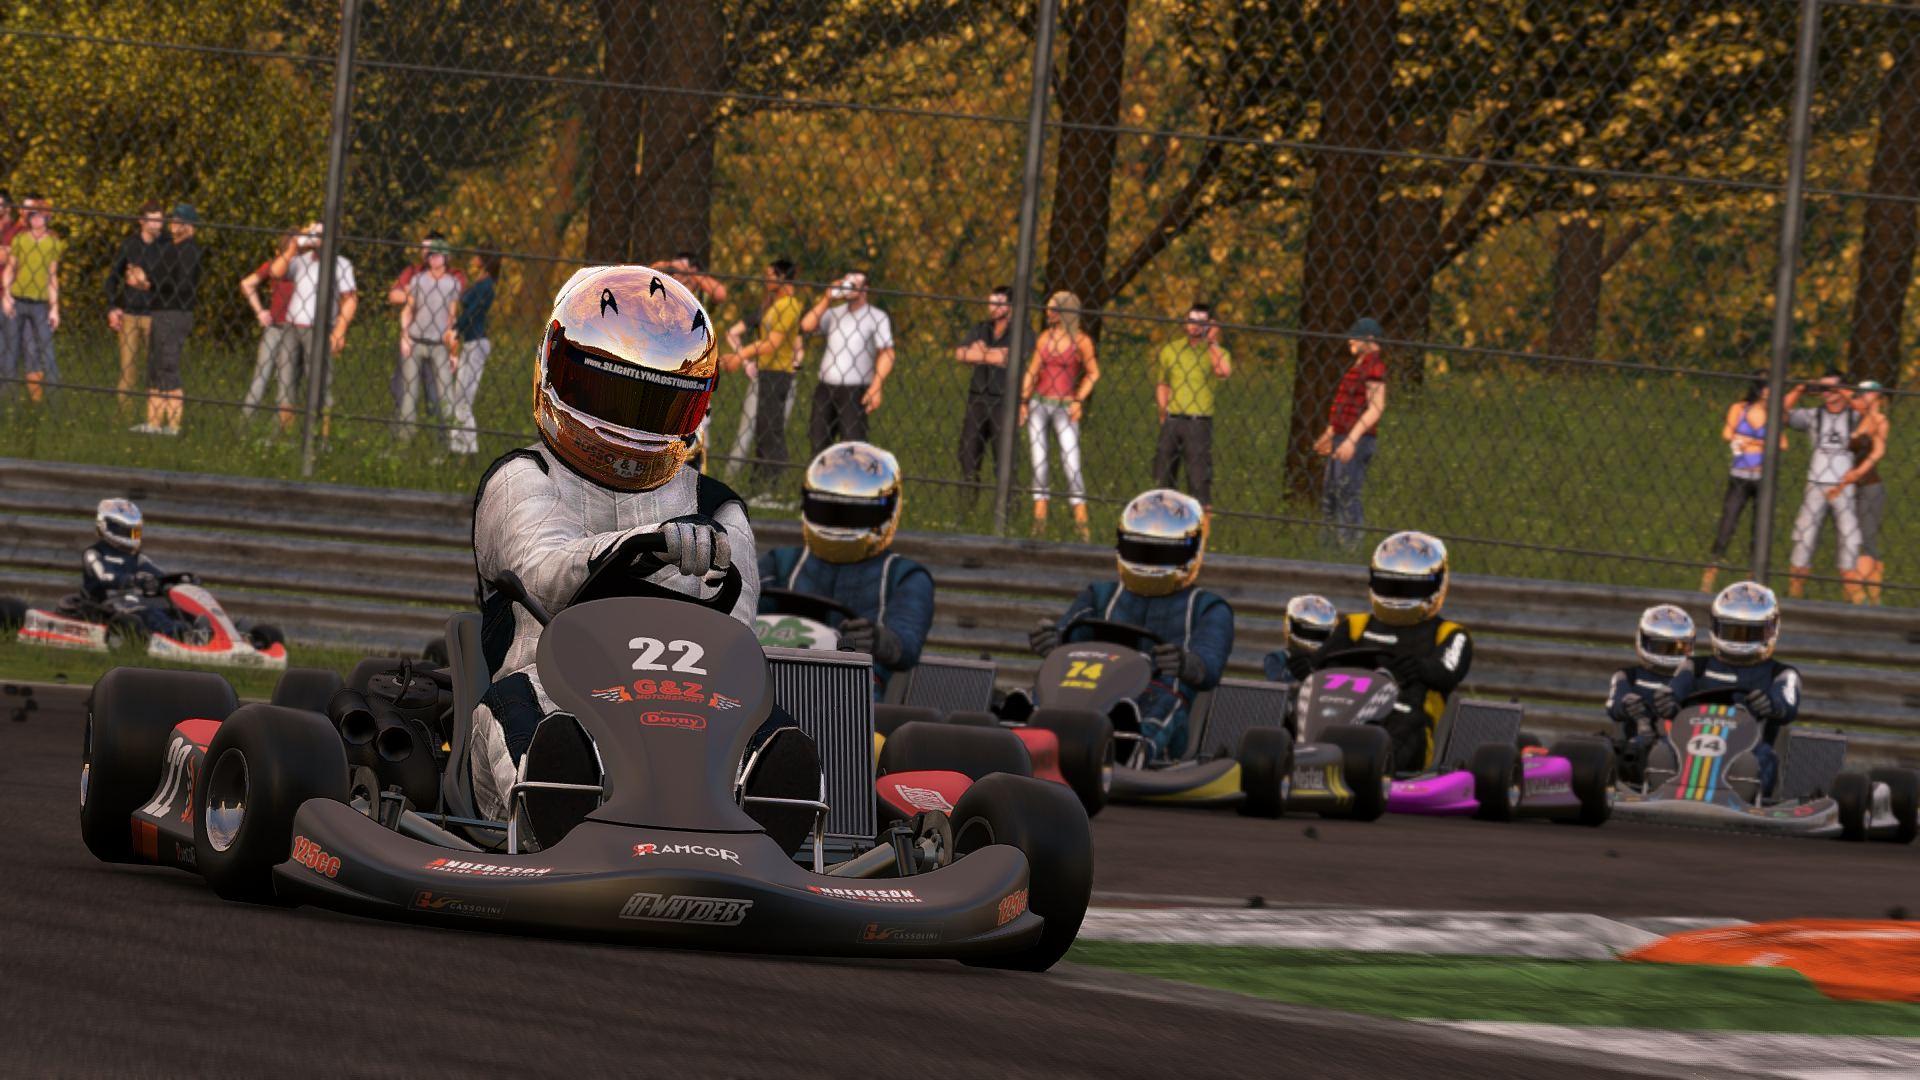 Obrazem: Motokárové závody v Project Cars 102126